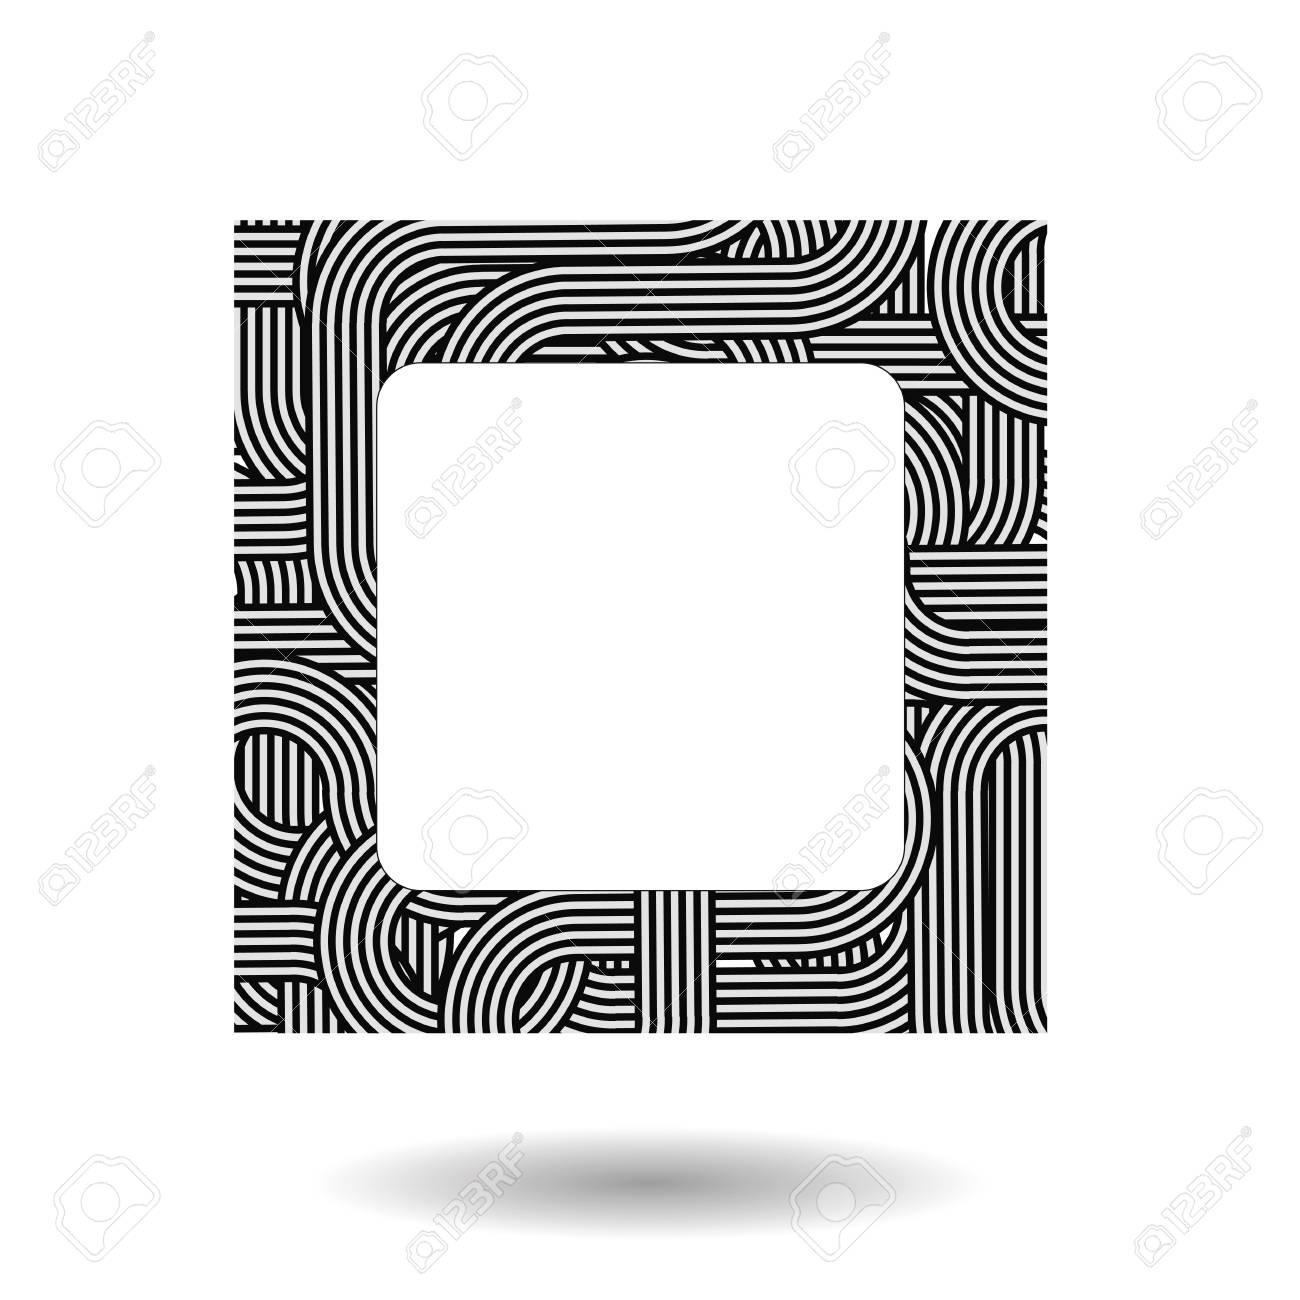 Einzelne Gestreiften Rahmen Isoliert Auf Weißem Hintergrund ...